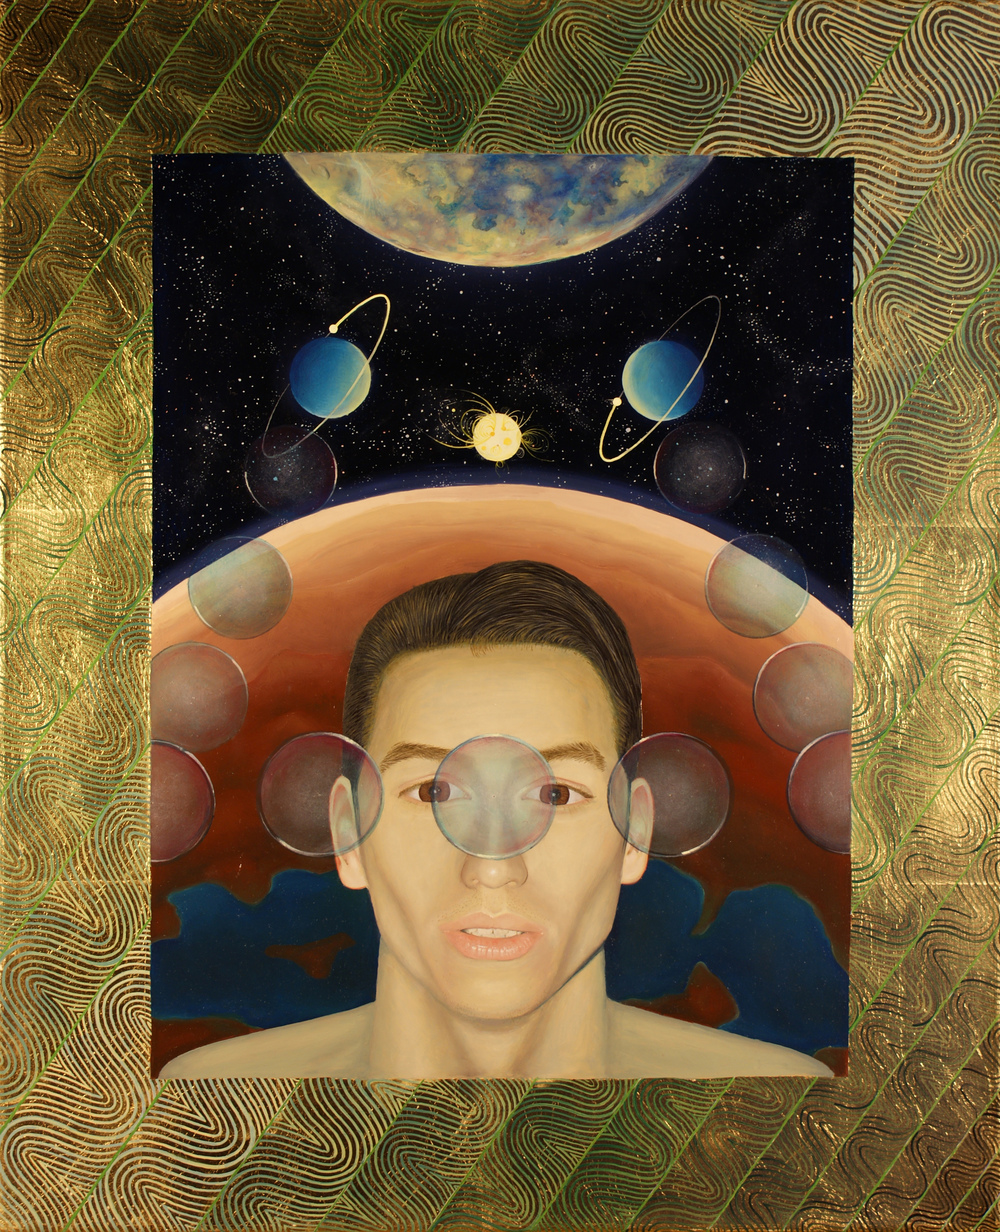 quantum+entaglement+2013.jpg